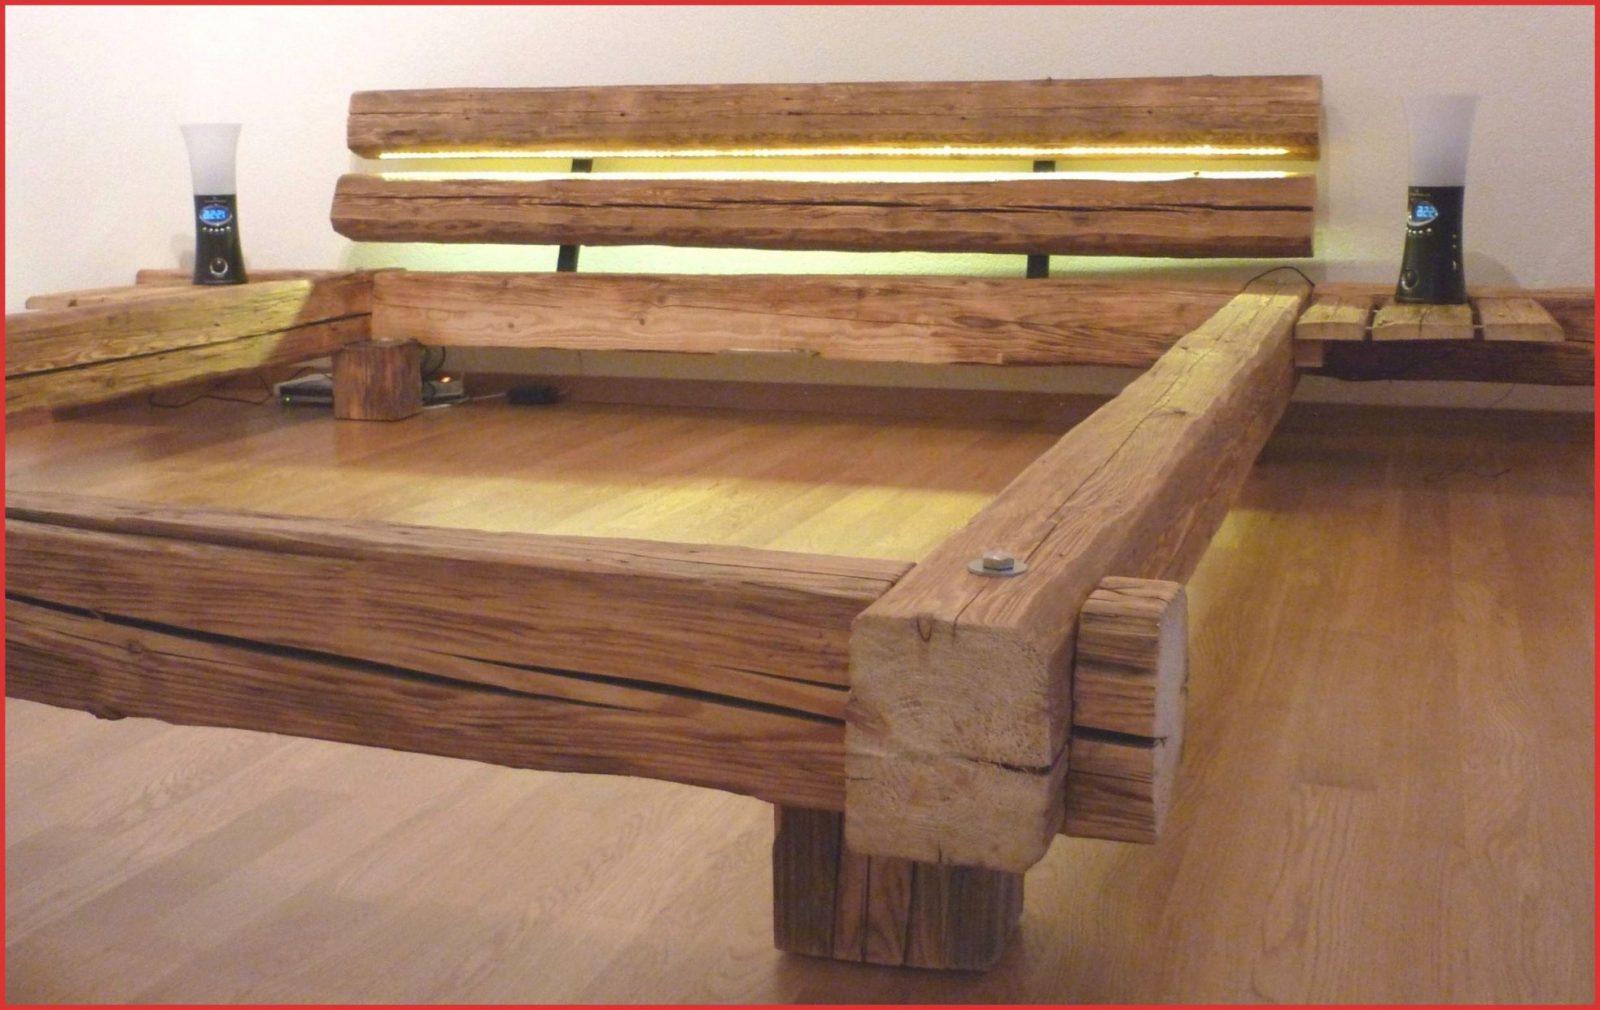 Bett Selber Bauen Holz 270491 Wunderbare Inspiration Bett Selber von Bett Selber Bauen Holz Bild